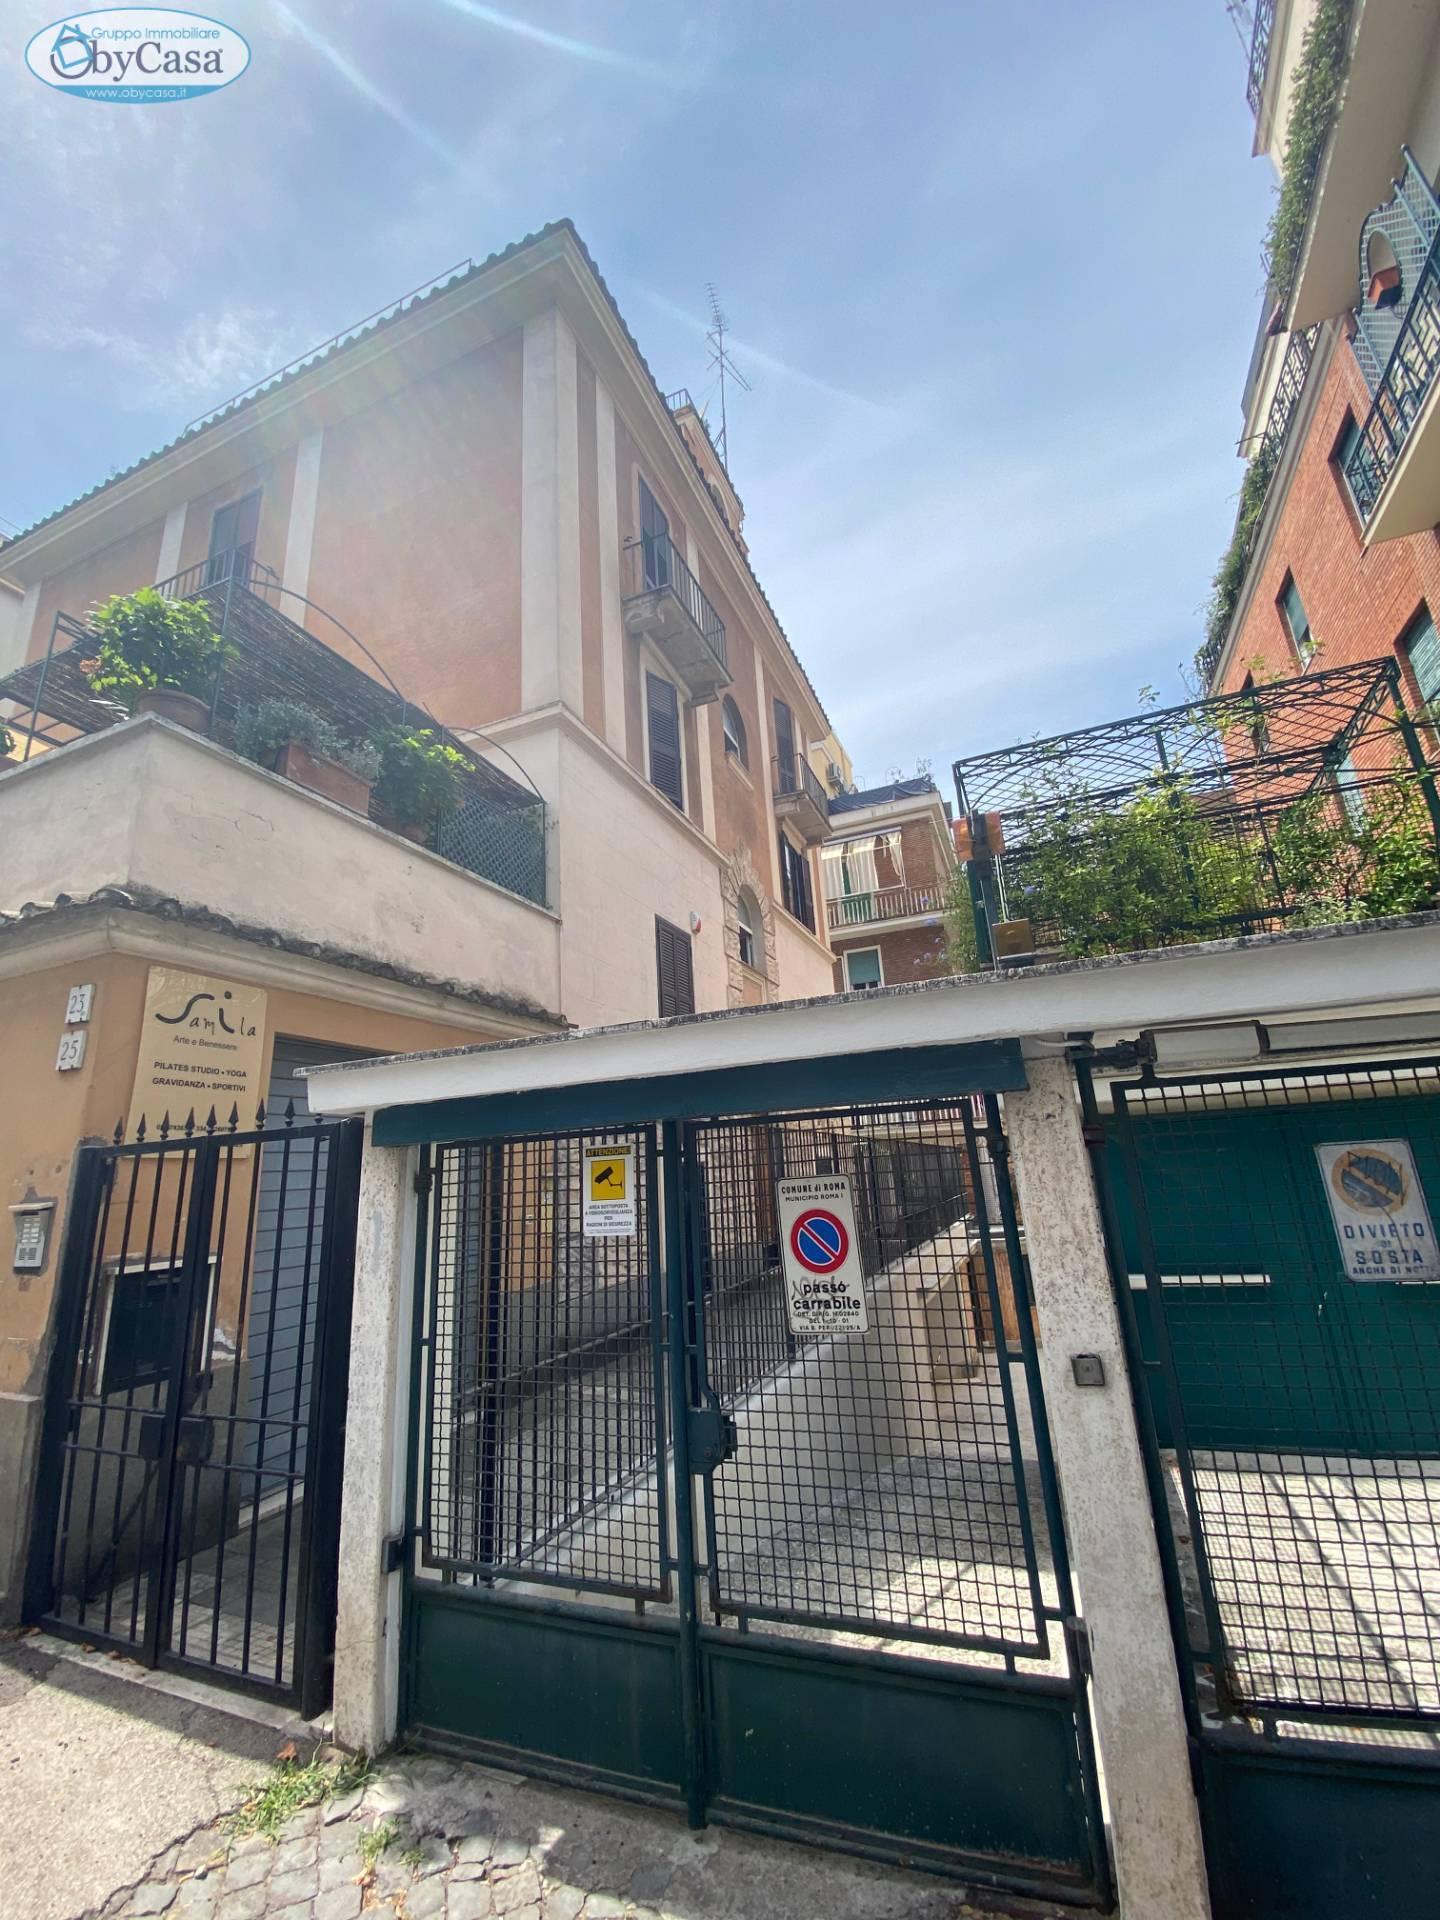 Attico / Mansarda in vendita a Roma, 5 locali, zona Zona: 17 . Aventino, San Saba , Piramide, prezzo € 1.390.000 | CambioCasa.it